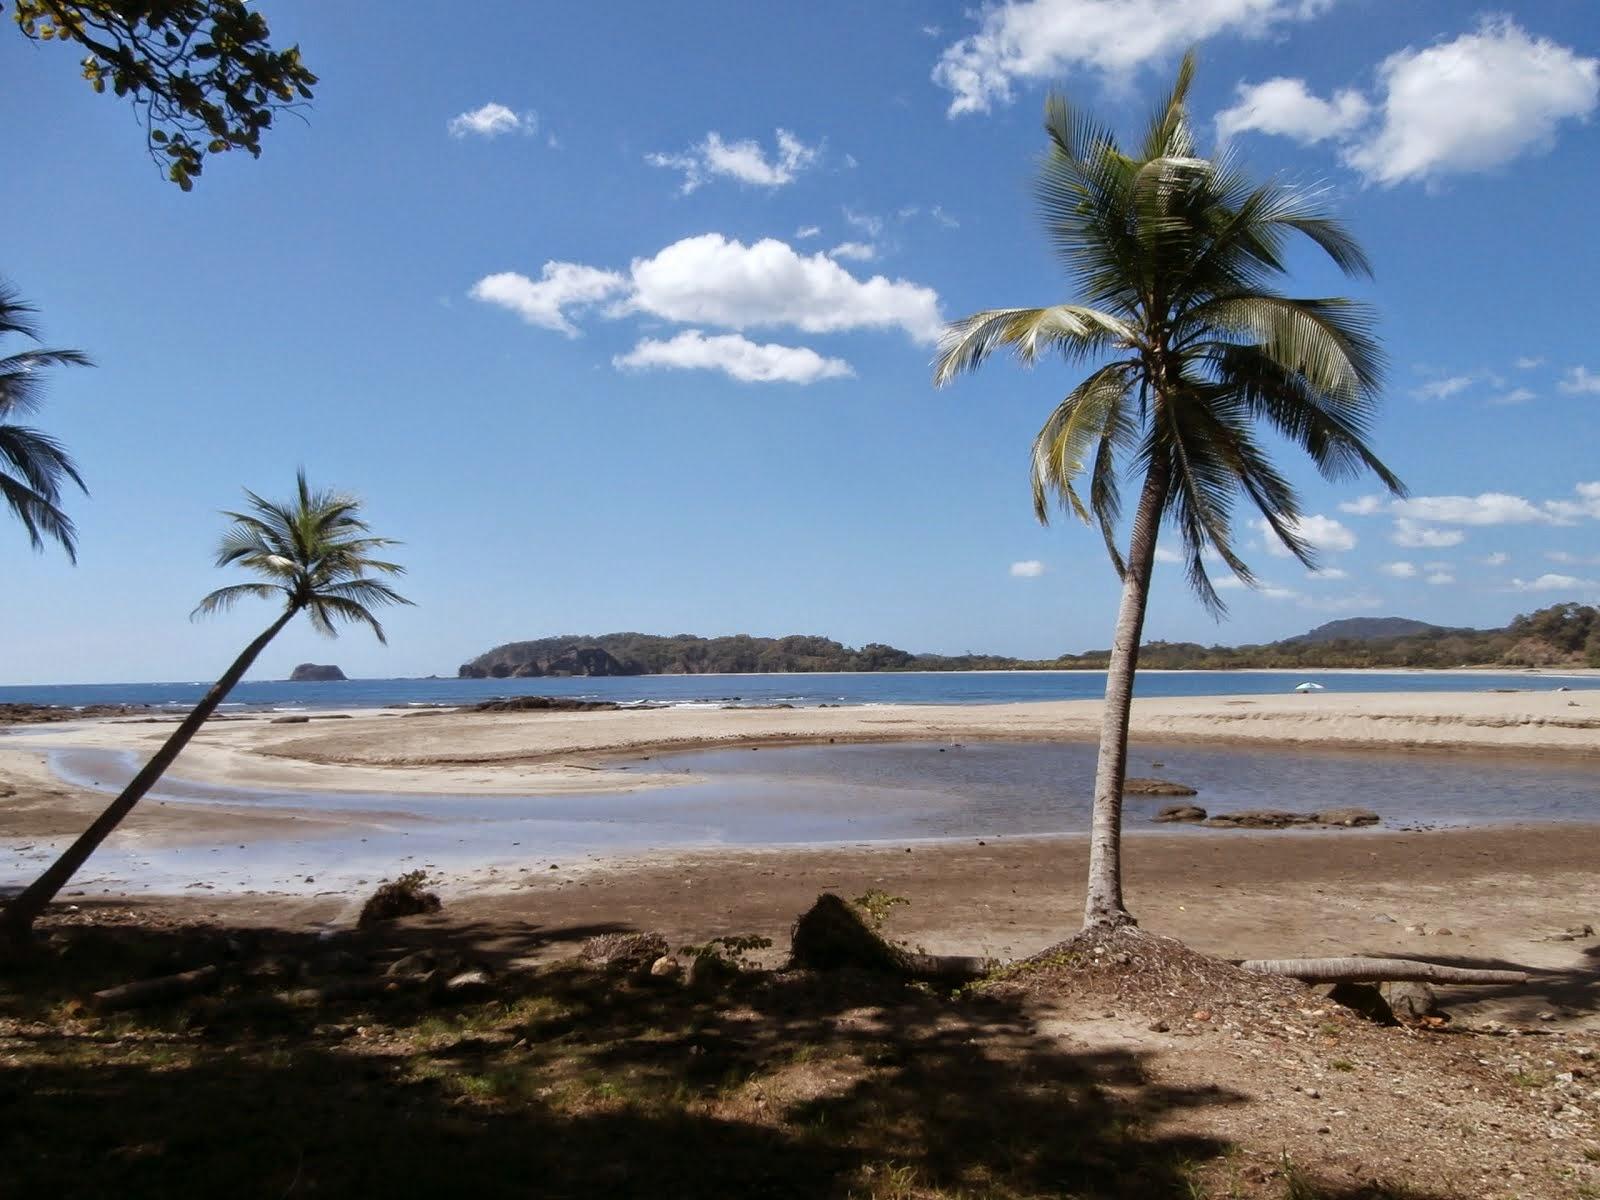 Bellissima la nostra spiaggia!!